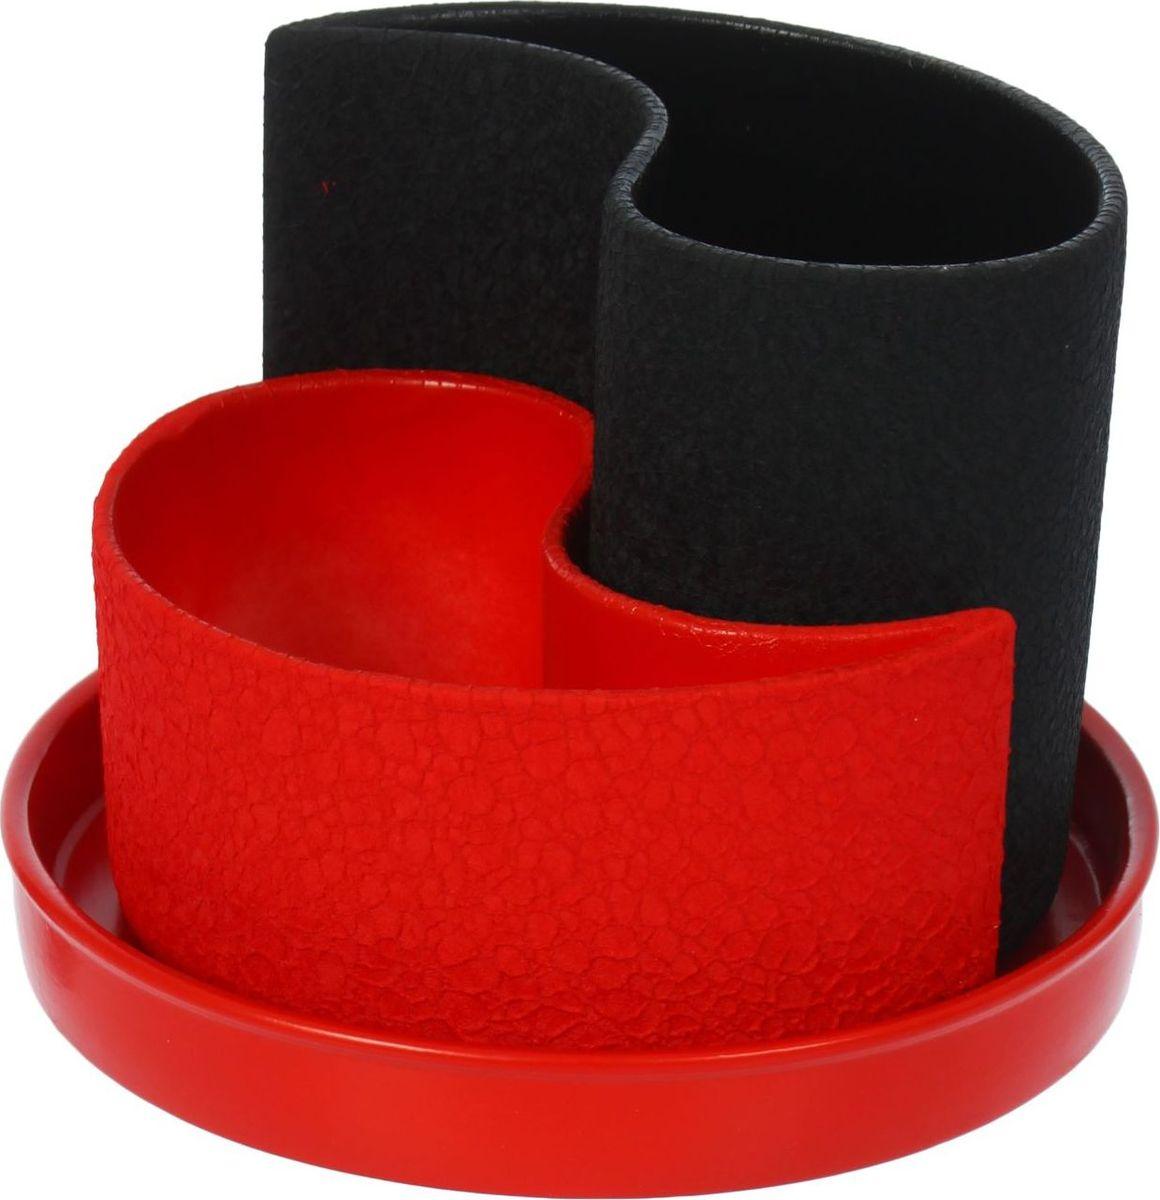 Набор кашпо Керамика ручной работы Капля, цвет: черный, красный, 2 предмета531-103Горшок Капля 0,7л,1,3л Шелк черно-красный 1309275